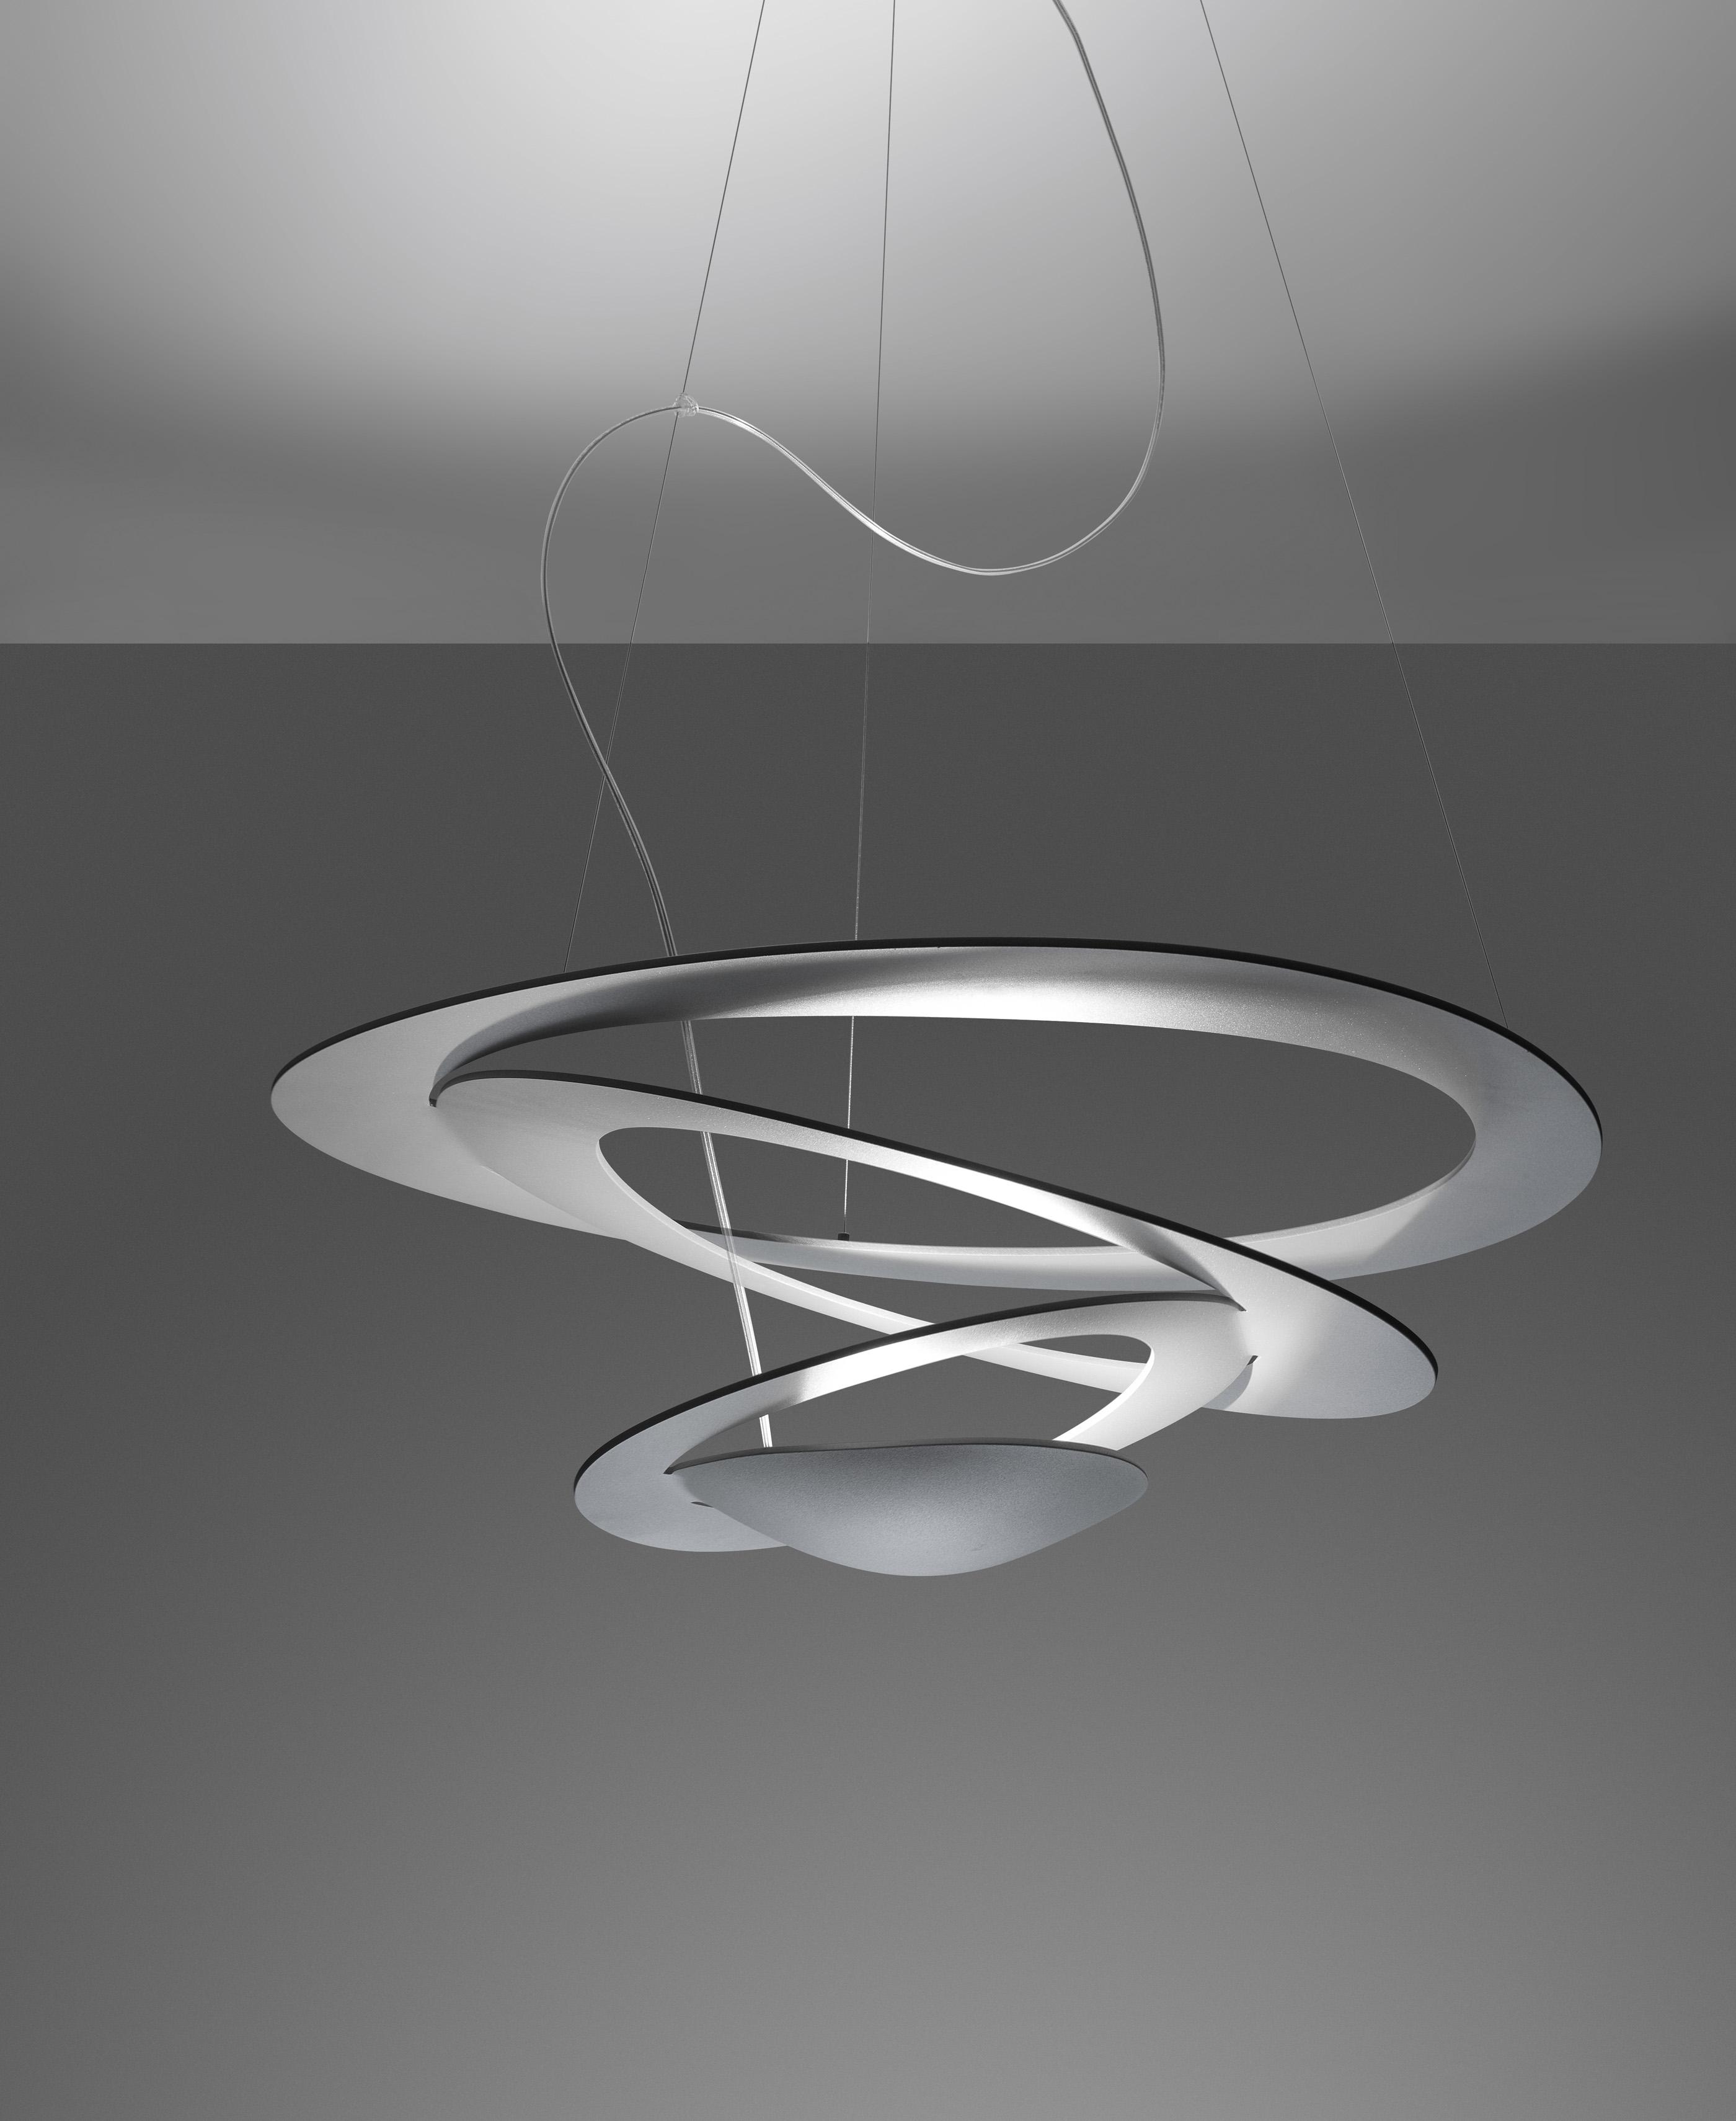 pirce. Black Bedroom Furniture Sets. Home Design Ideas